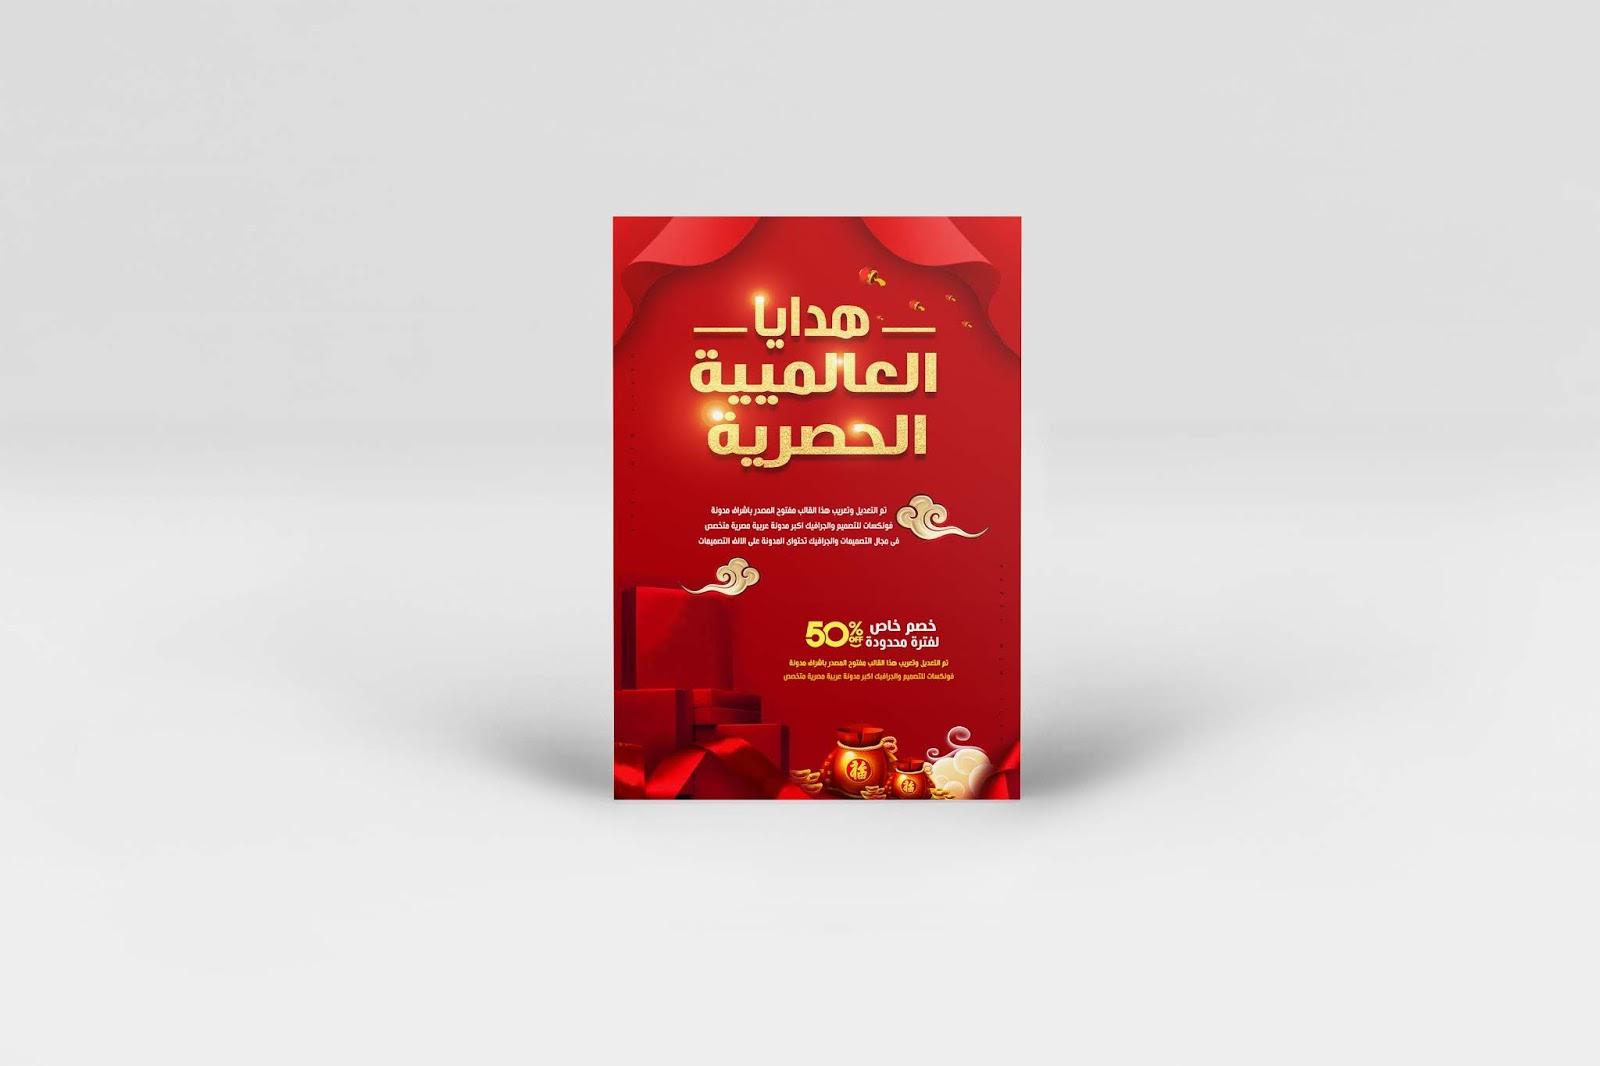 تصميم psd فوتوشوب لمحلات الهدايا ومتاجر الهدايا